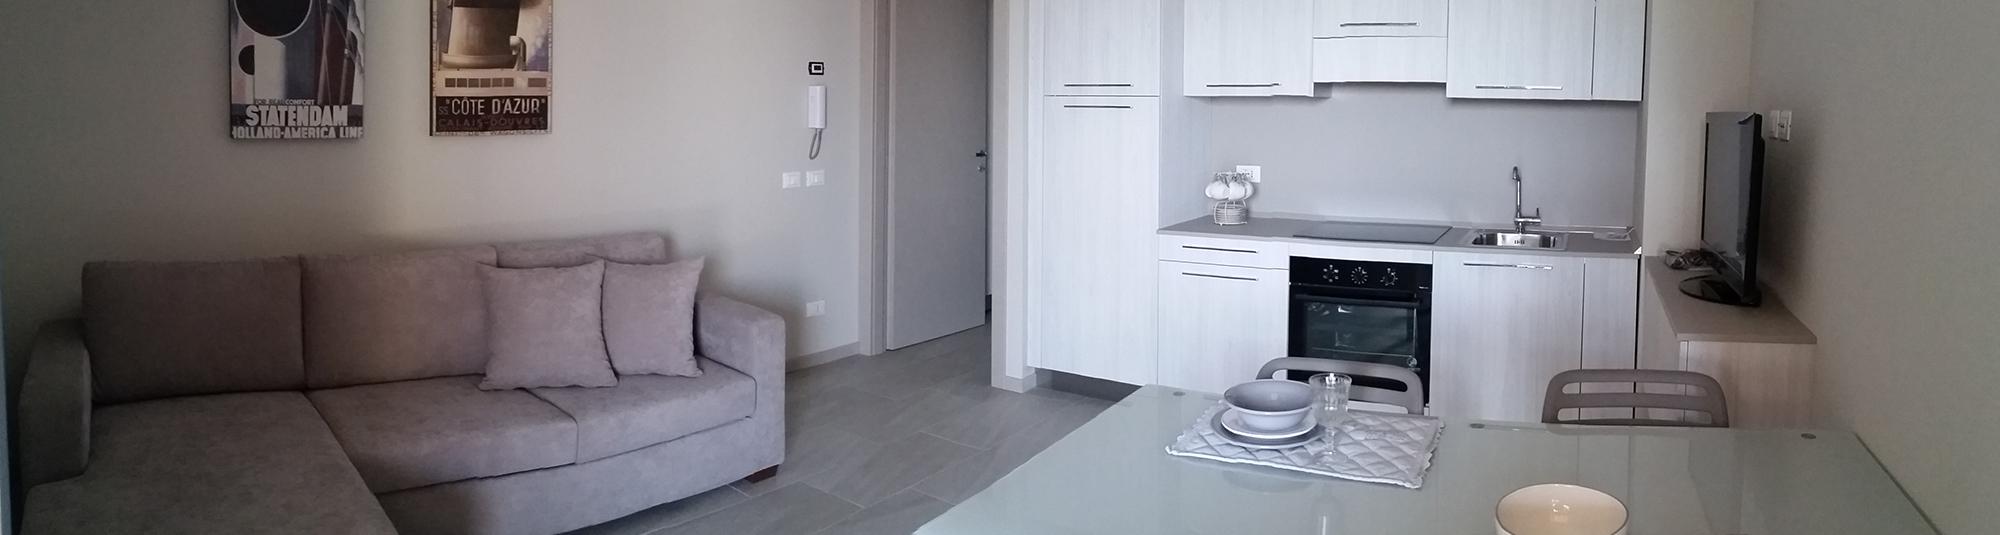 Appartamento Leonardo